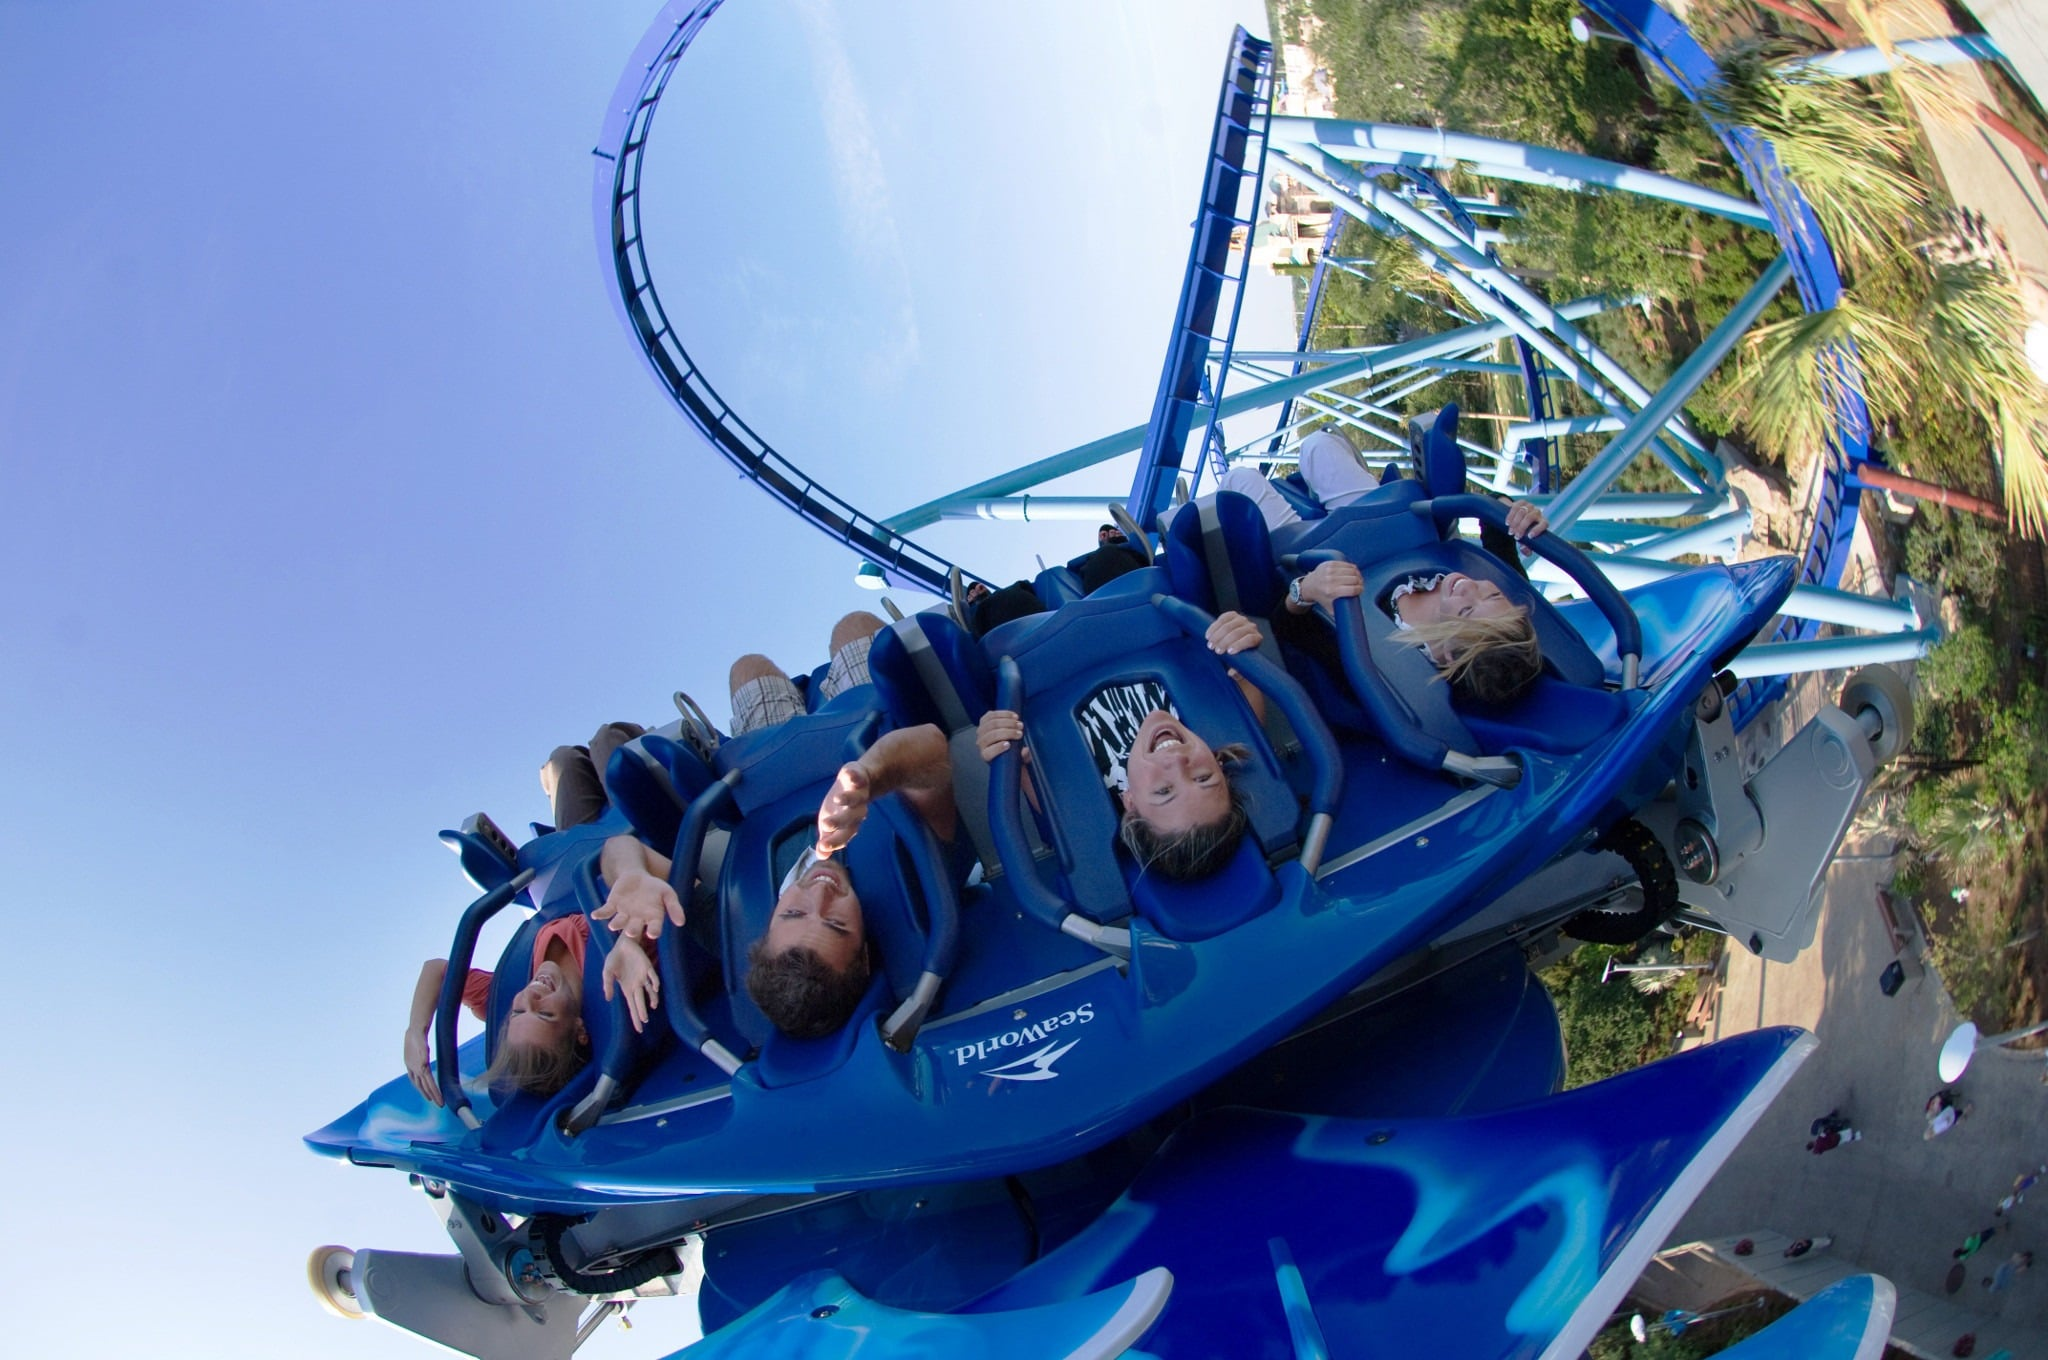 Guests ride Manta roller coaster at SeaWorld Orlando.